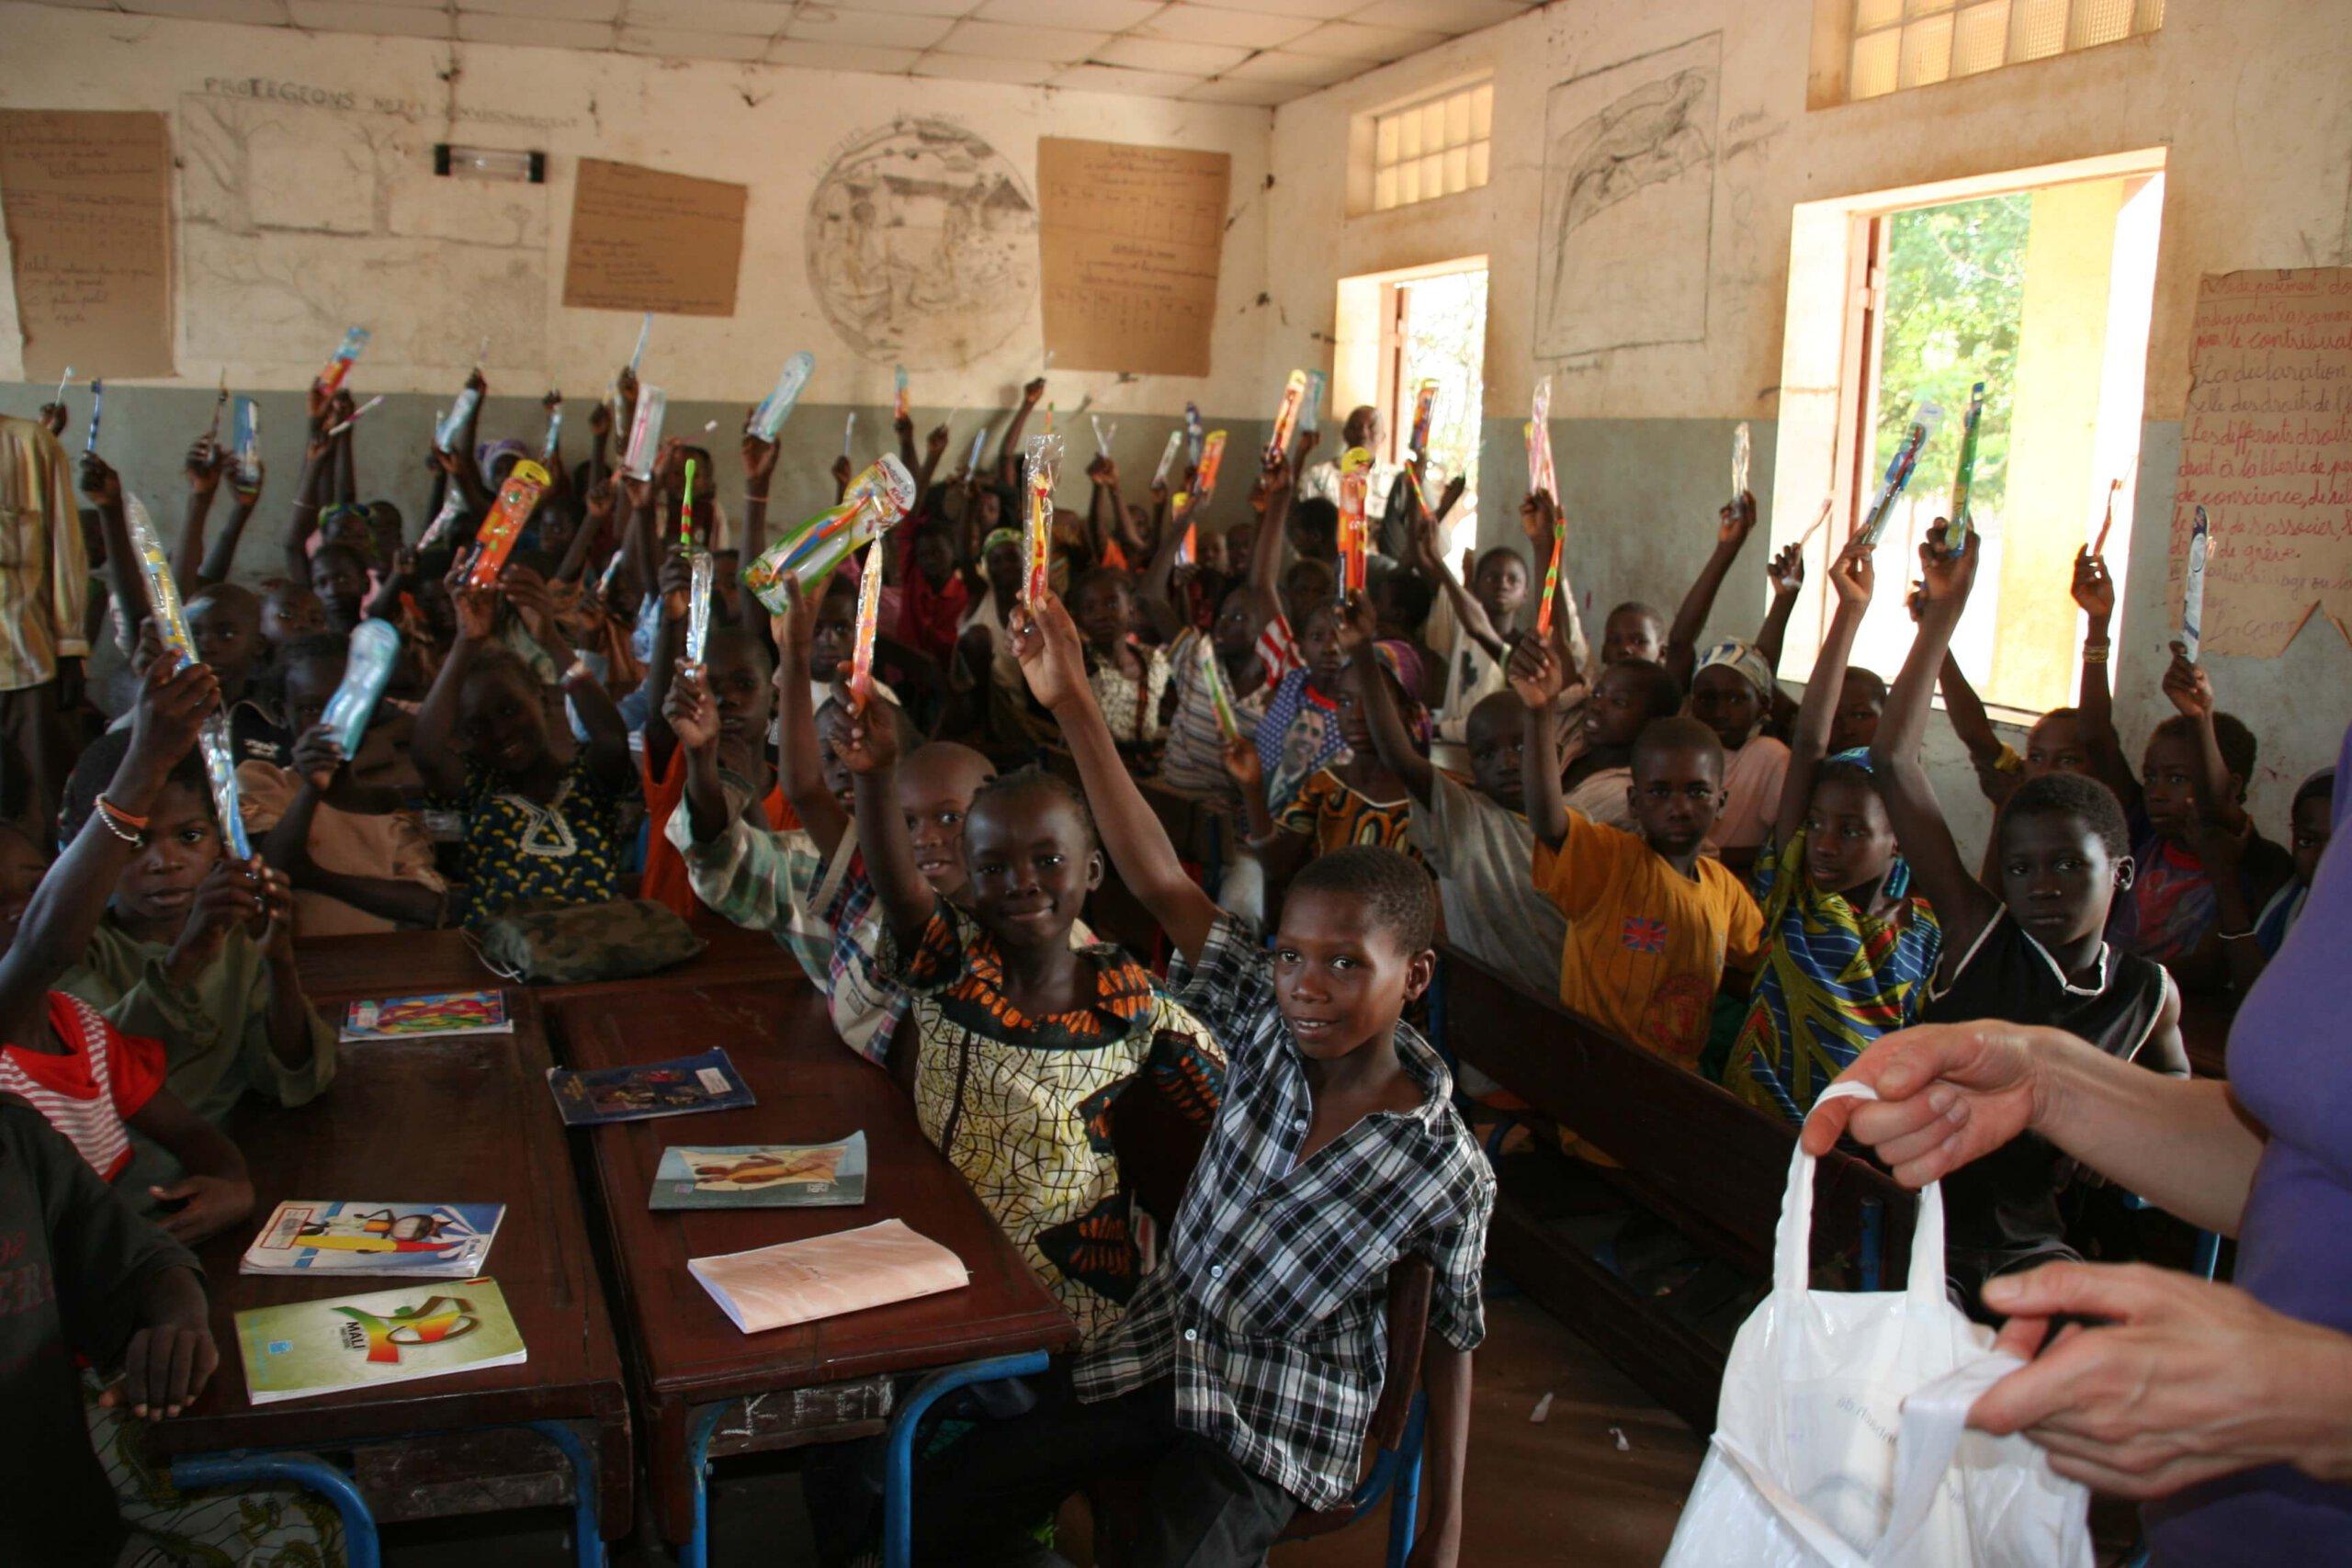 Der Lionsclub Werne an der Lippe spendet seit Jahren Gelder an ein Dorf in Mali. Jetzt steht ein Schulbau auf der Agenda. Foto: Lions